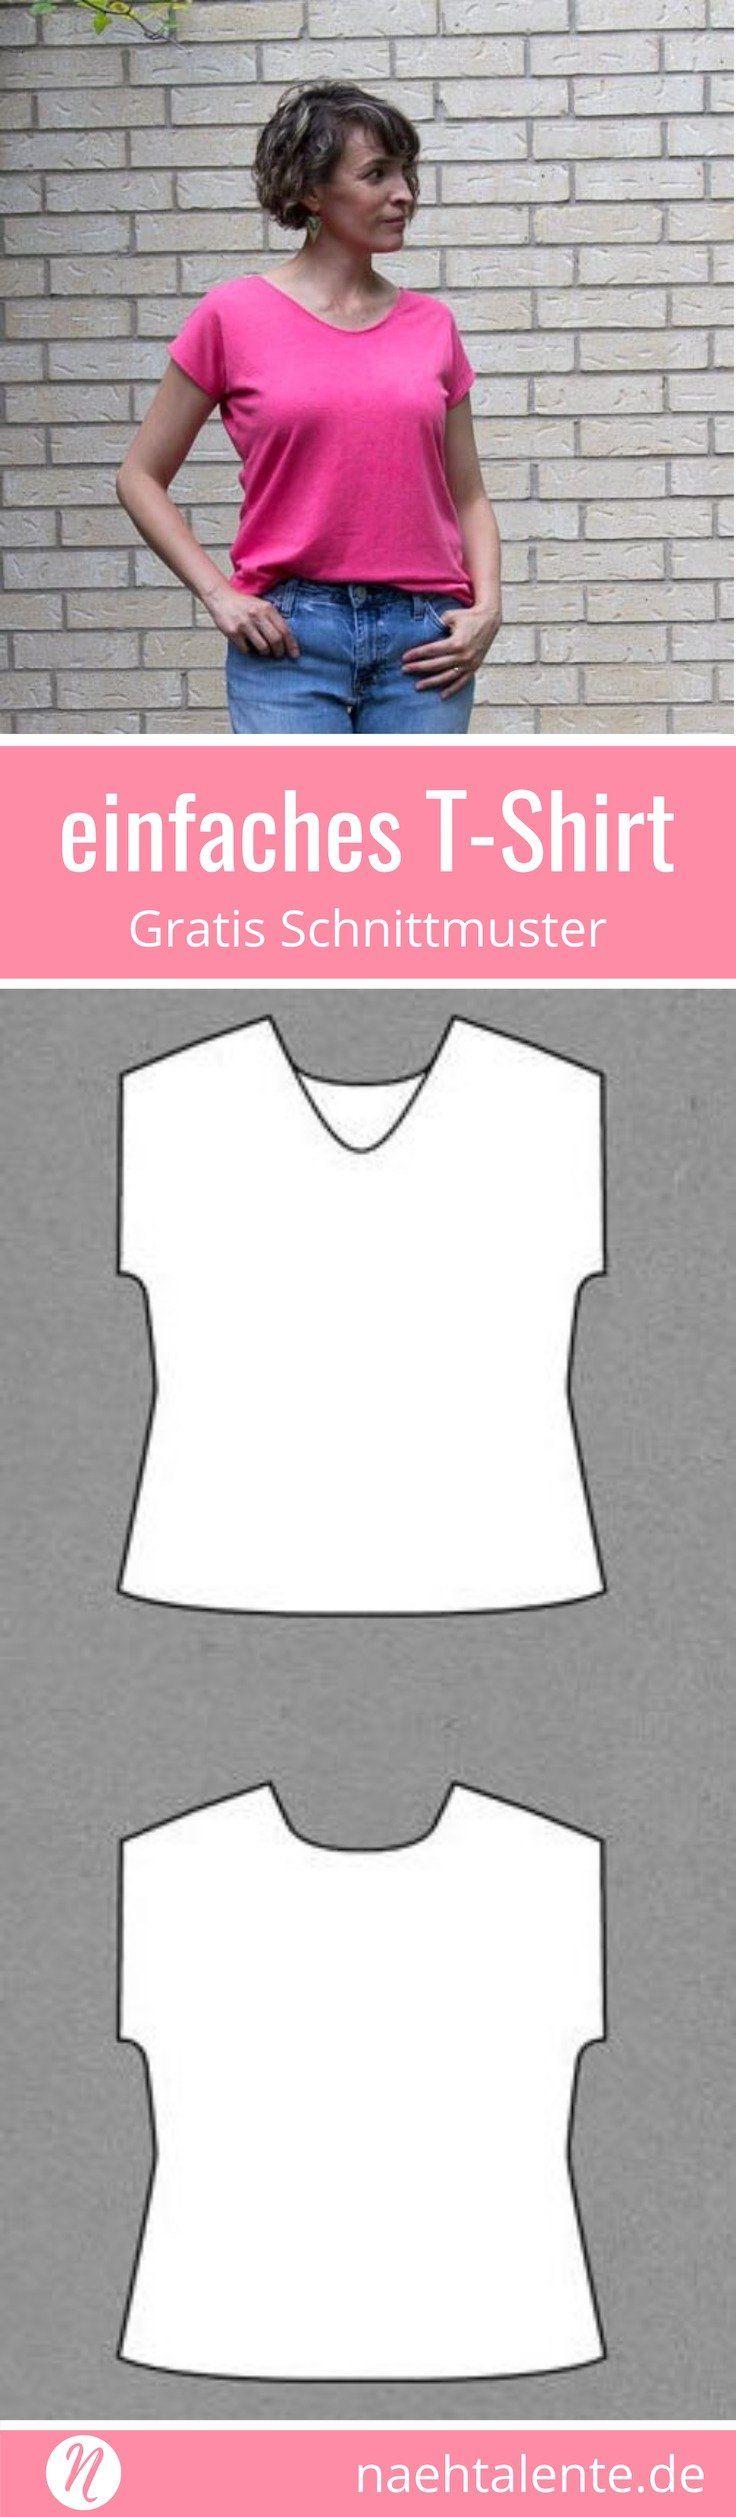 Damen-T-Shirt mit V-Ausschnitt | Freebook Gr. XXS - 3XL | Nähtalente